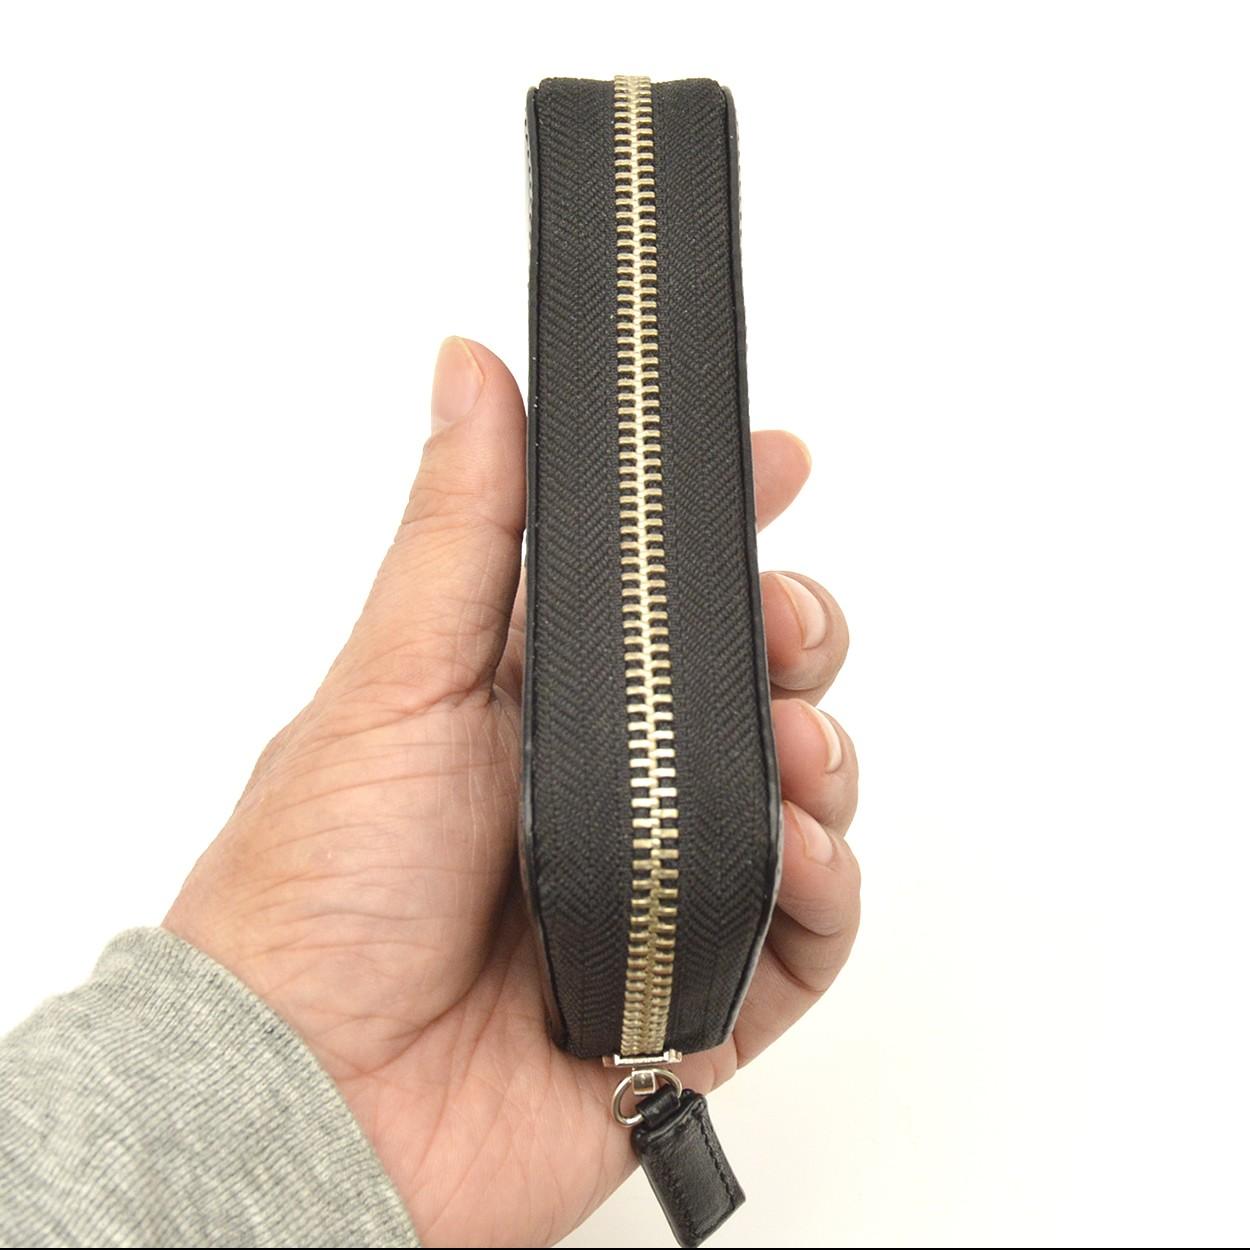 プルームテックケース [Ploom TECH] コンパクト おしゃれ 革 2セット収納 本革製 DUCT(ダクト) NL-820